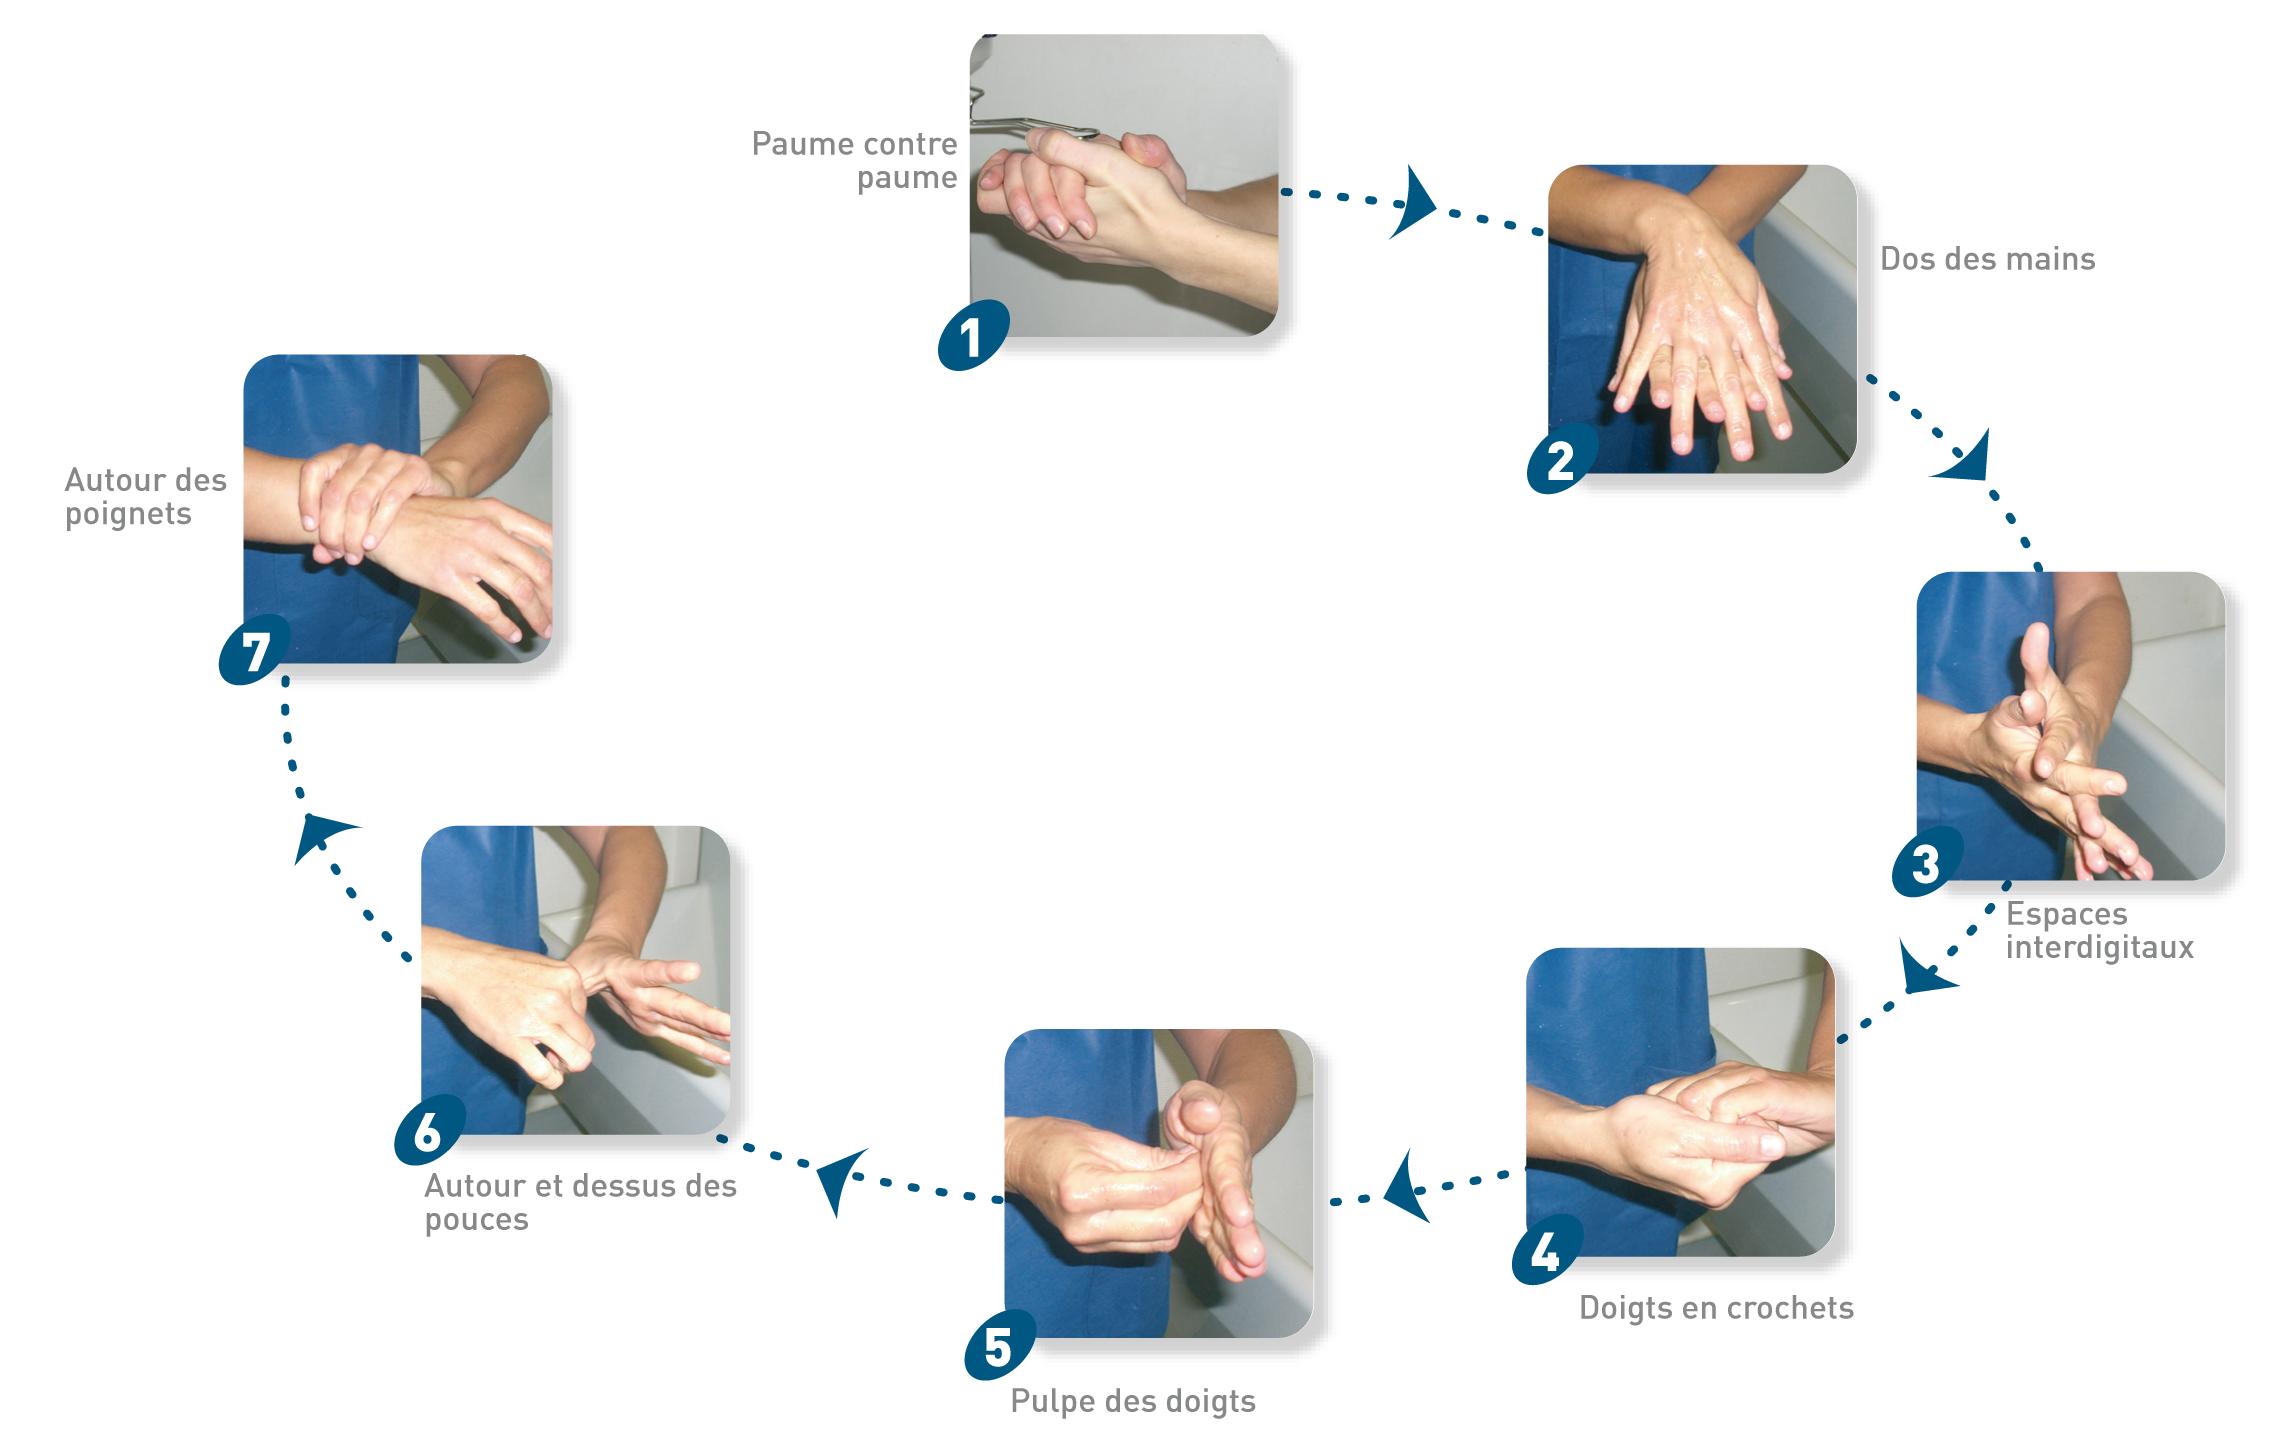 Etapes lavage des mains - Lavage Des Mains PNG